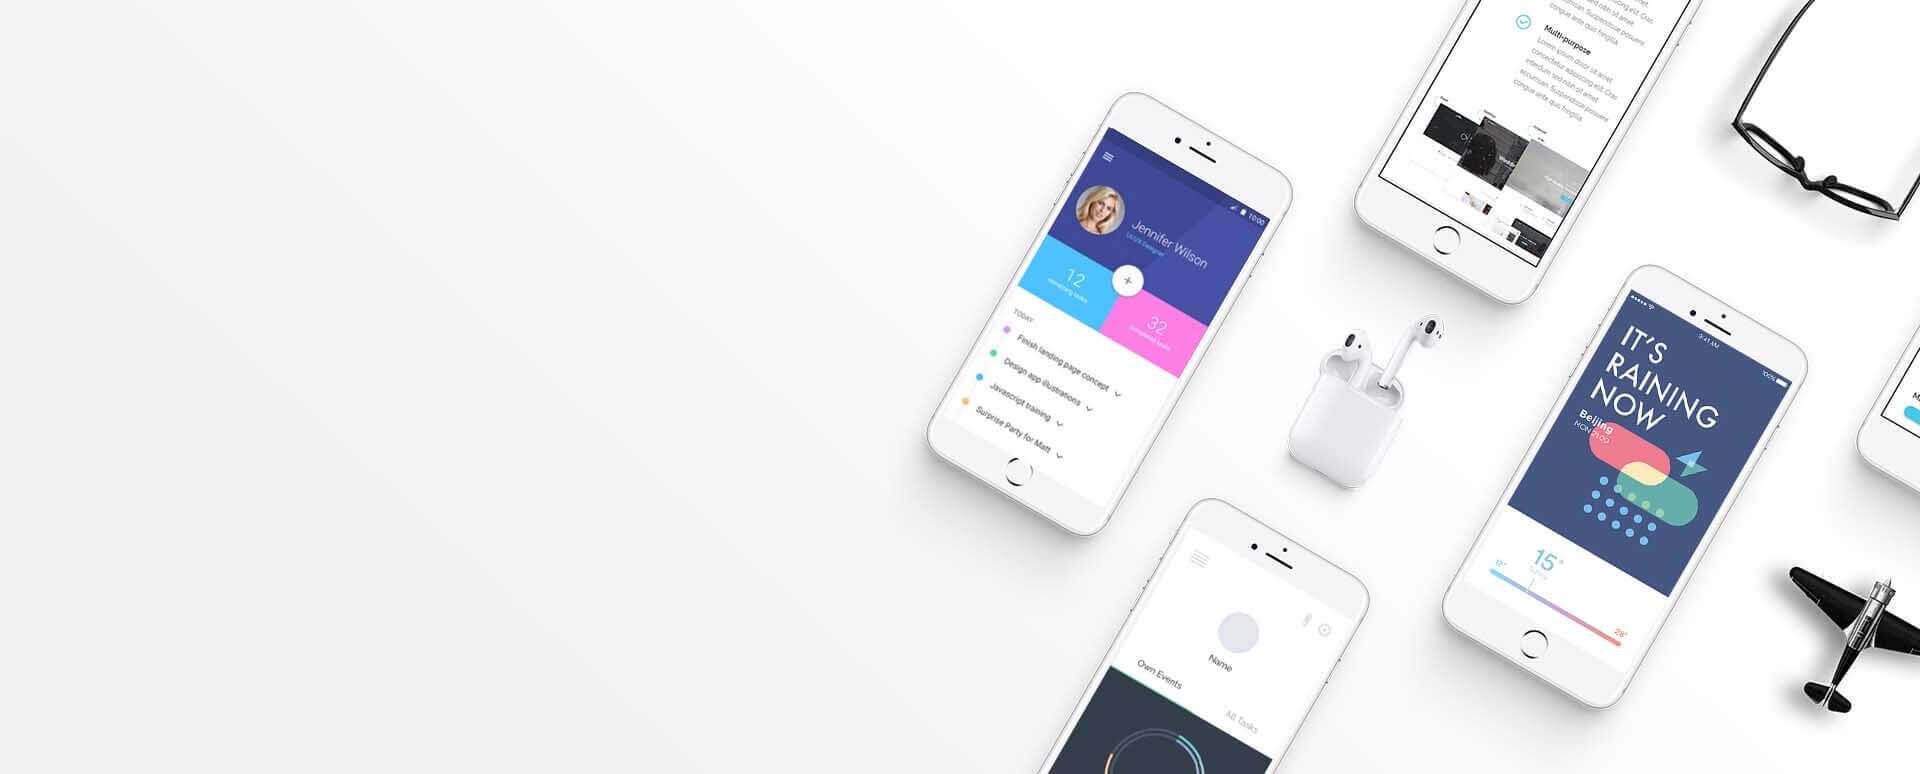 Desenvolupament d'apps a Girona